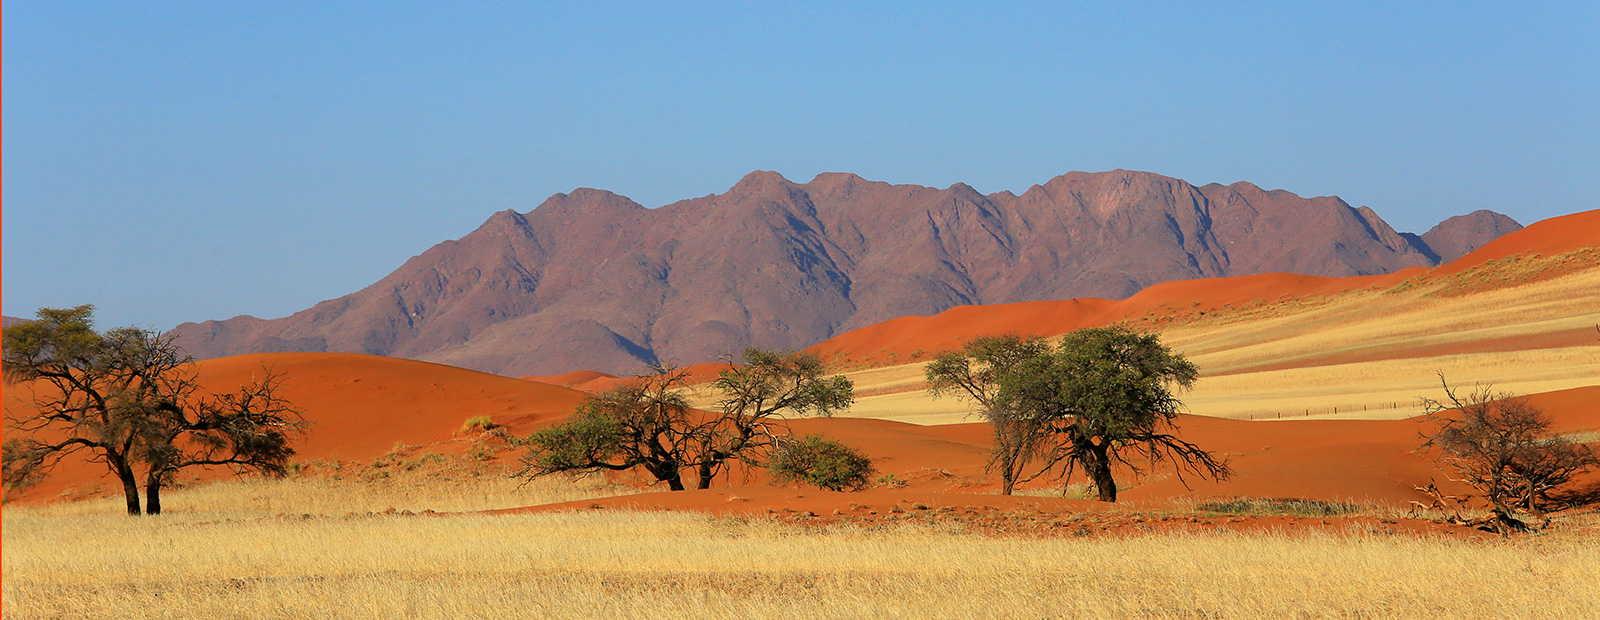 Dünenlandschaft in der Namib Wüste